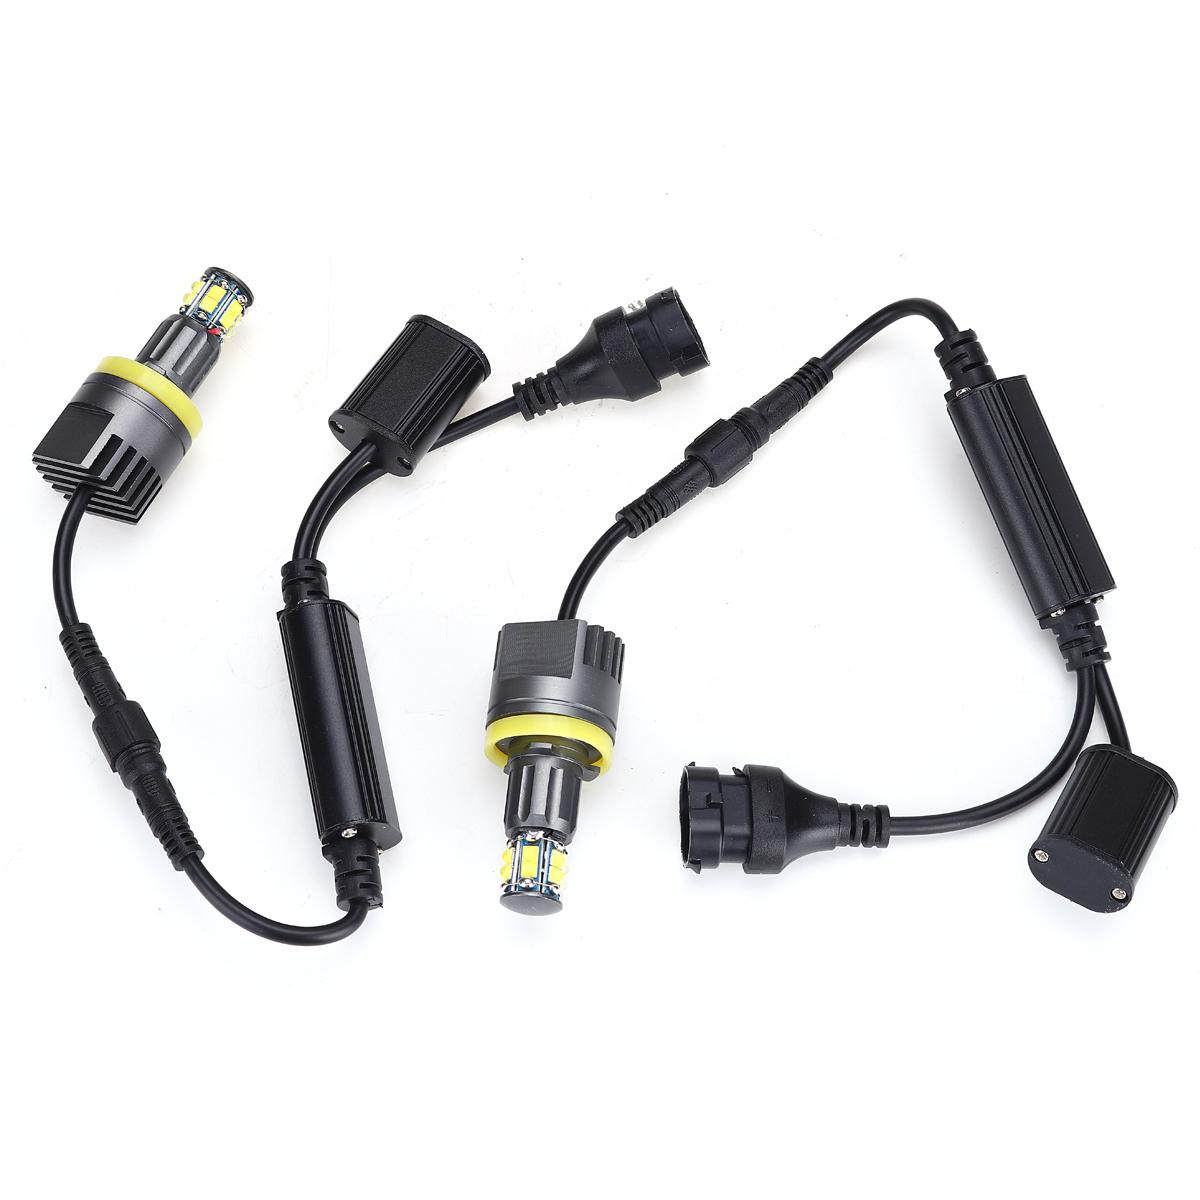 2 × 120 ワットH8 LEDエンジェル アイズフォグランプ ヘッドライトCANBUS BMW E60 E61 E63 X5 E70 X6 E71 E90 E91 E92 E93 M3 E89 E_画像4